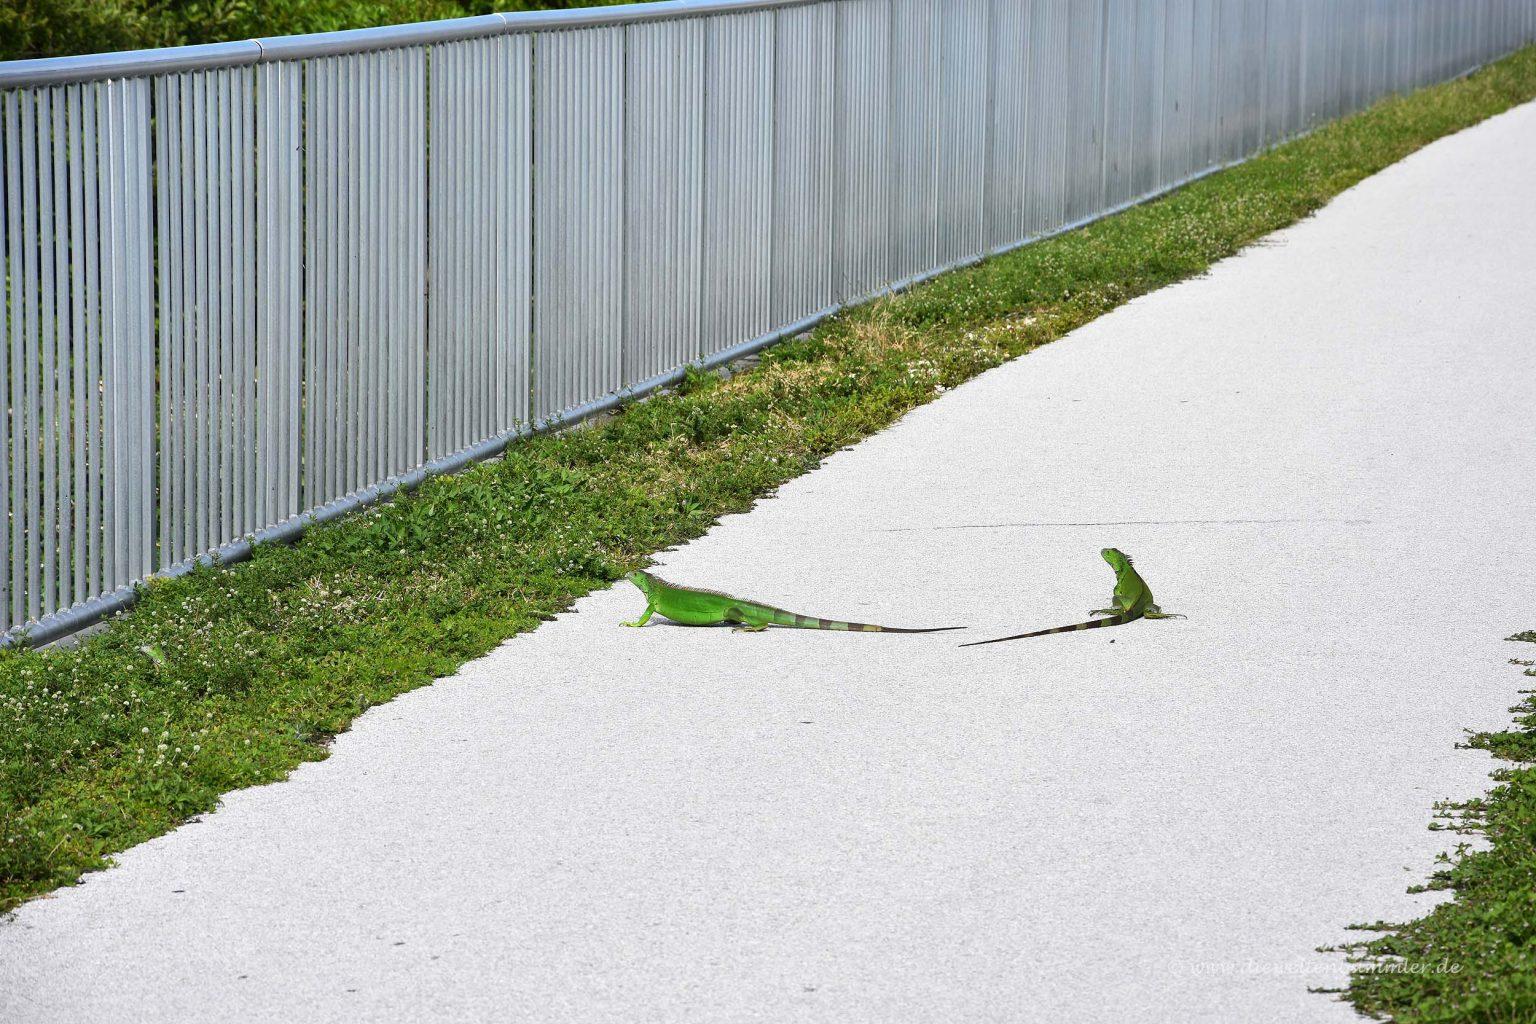 Grüner Leguan auf dem Fußweg